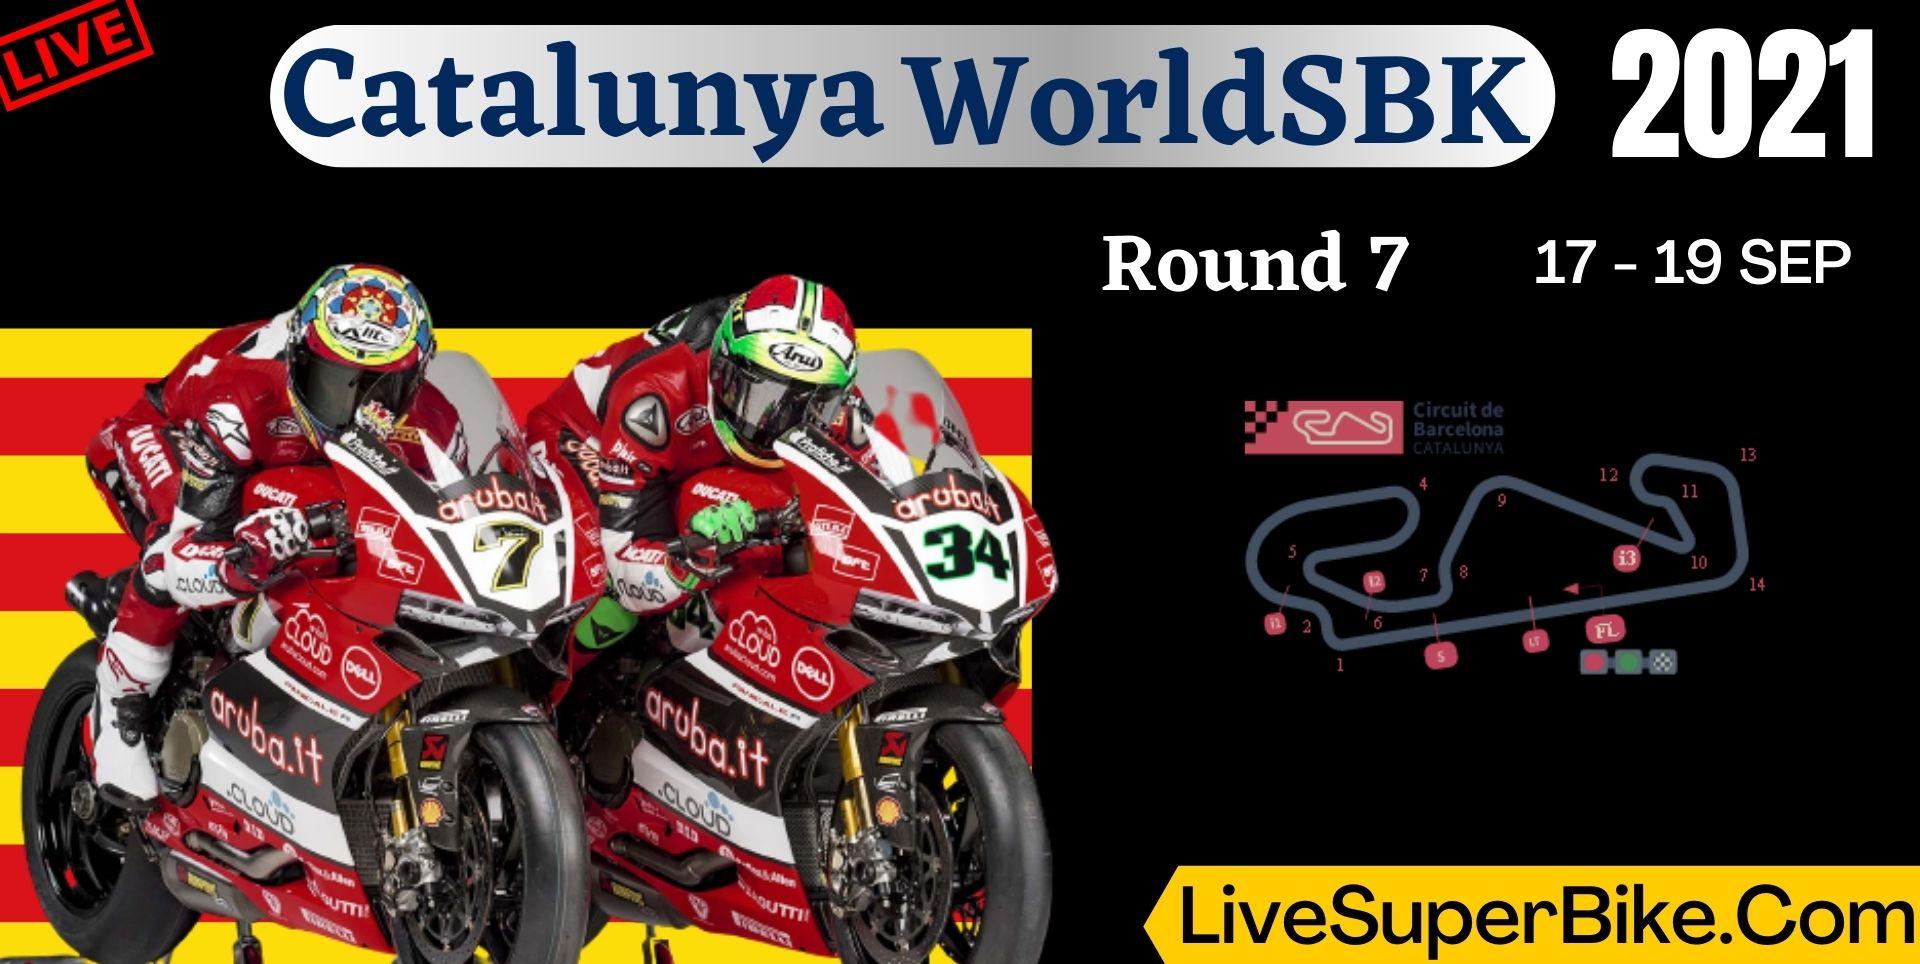 Catalunya Round 7 Live Stream 2021 | WorldSBK